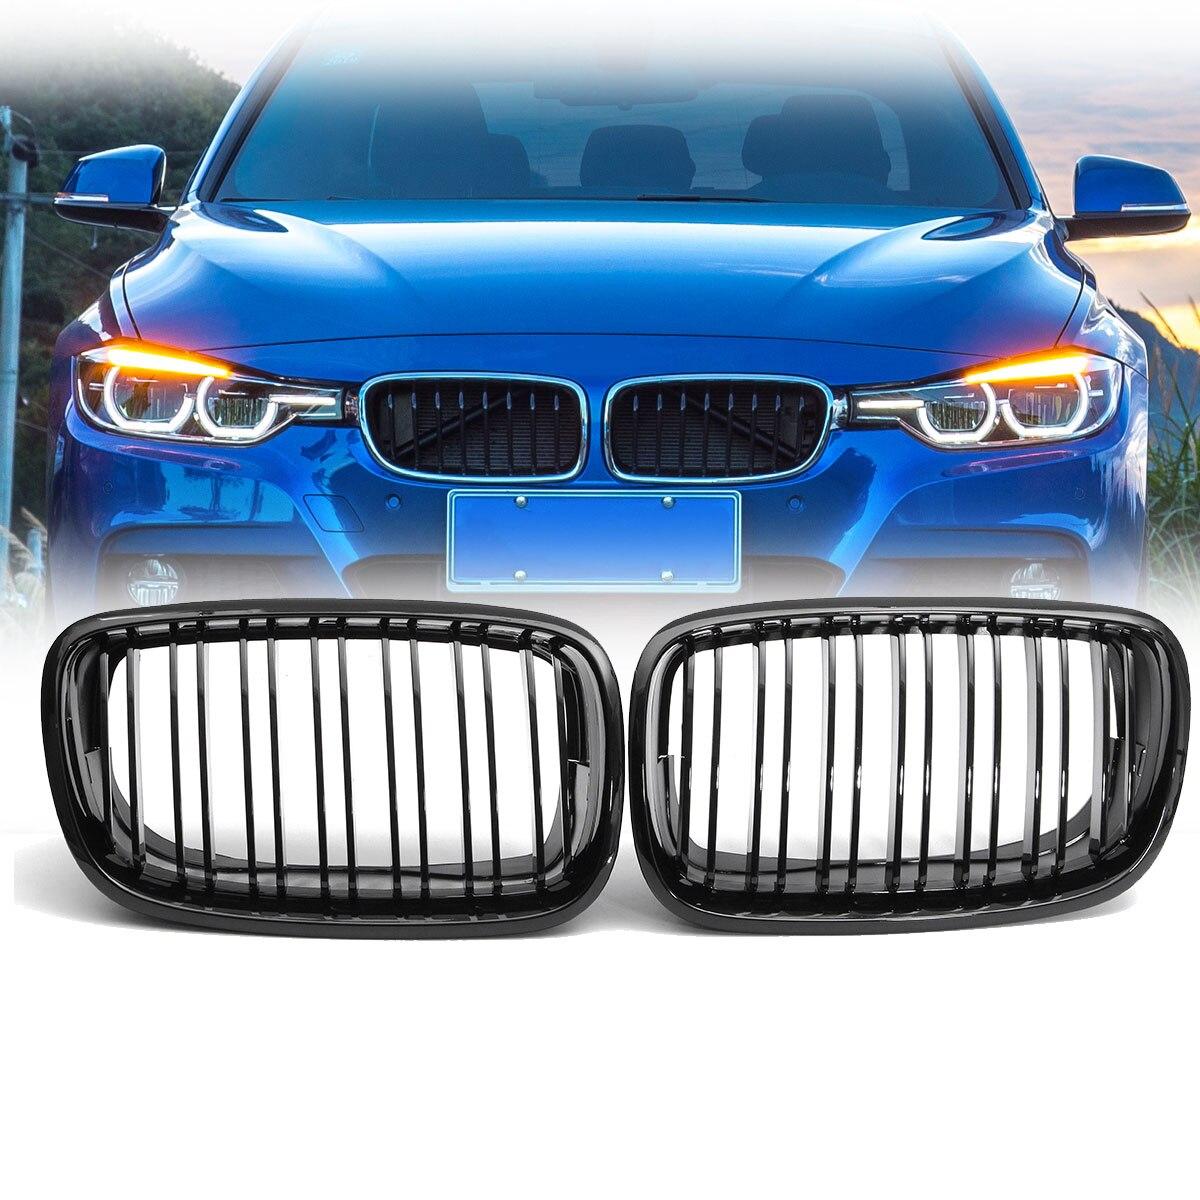 Пара матовый/черный глянец двойная планка ноздри Передняя решетка для BMW X5 X6 E70 E71 2007-2013 стайлинга автомобилей Гонки Грили